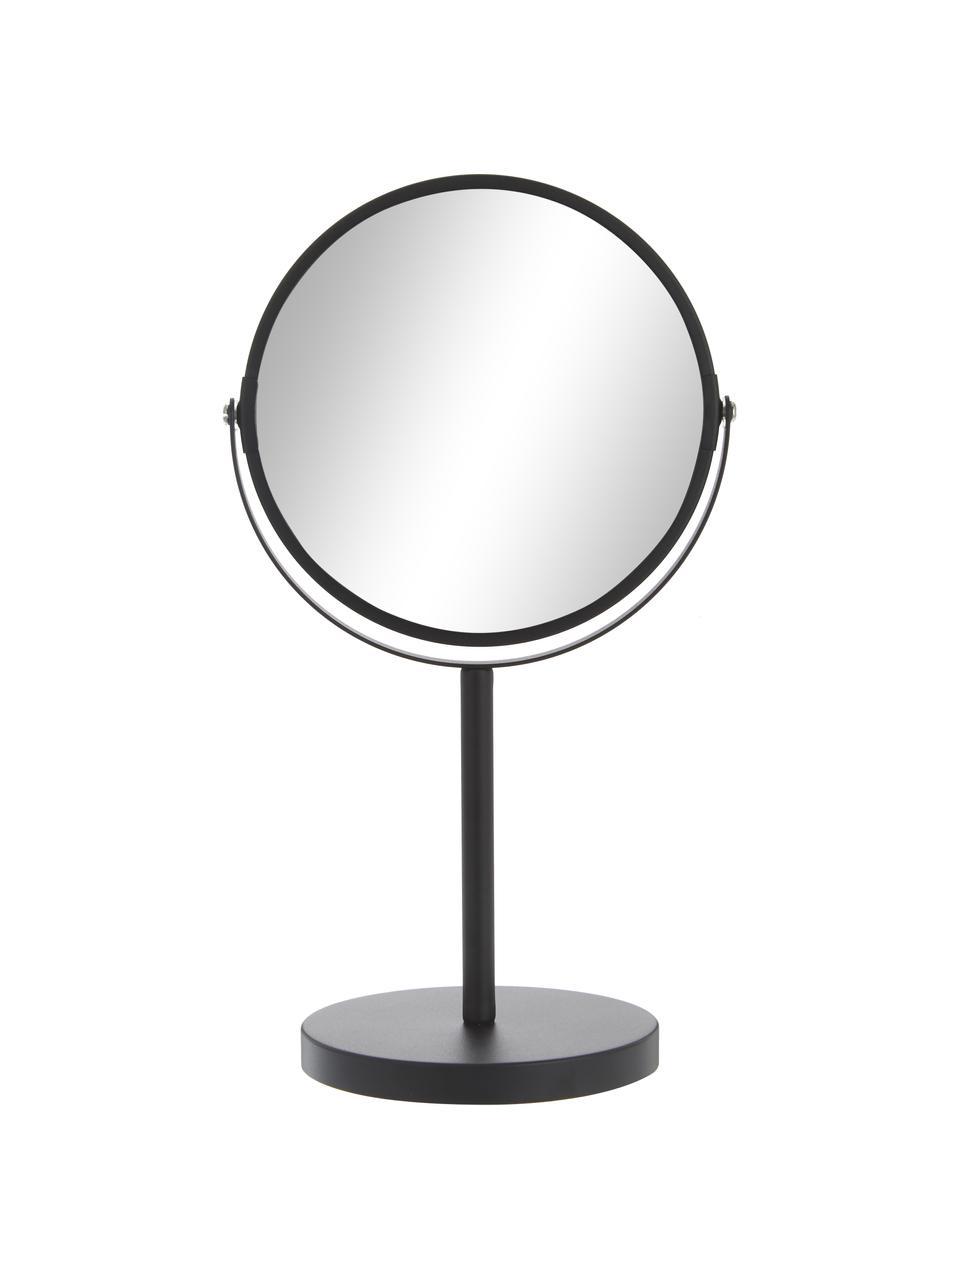 Specchio cosmetico con ingrandimento Classic, Cornice: metallo, Superficie dello specchio: lastra di vetro, Cornice: nero Superficie dello specchio: lastra di vetro, Ø 20 x Alt. 35 cm